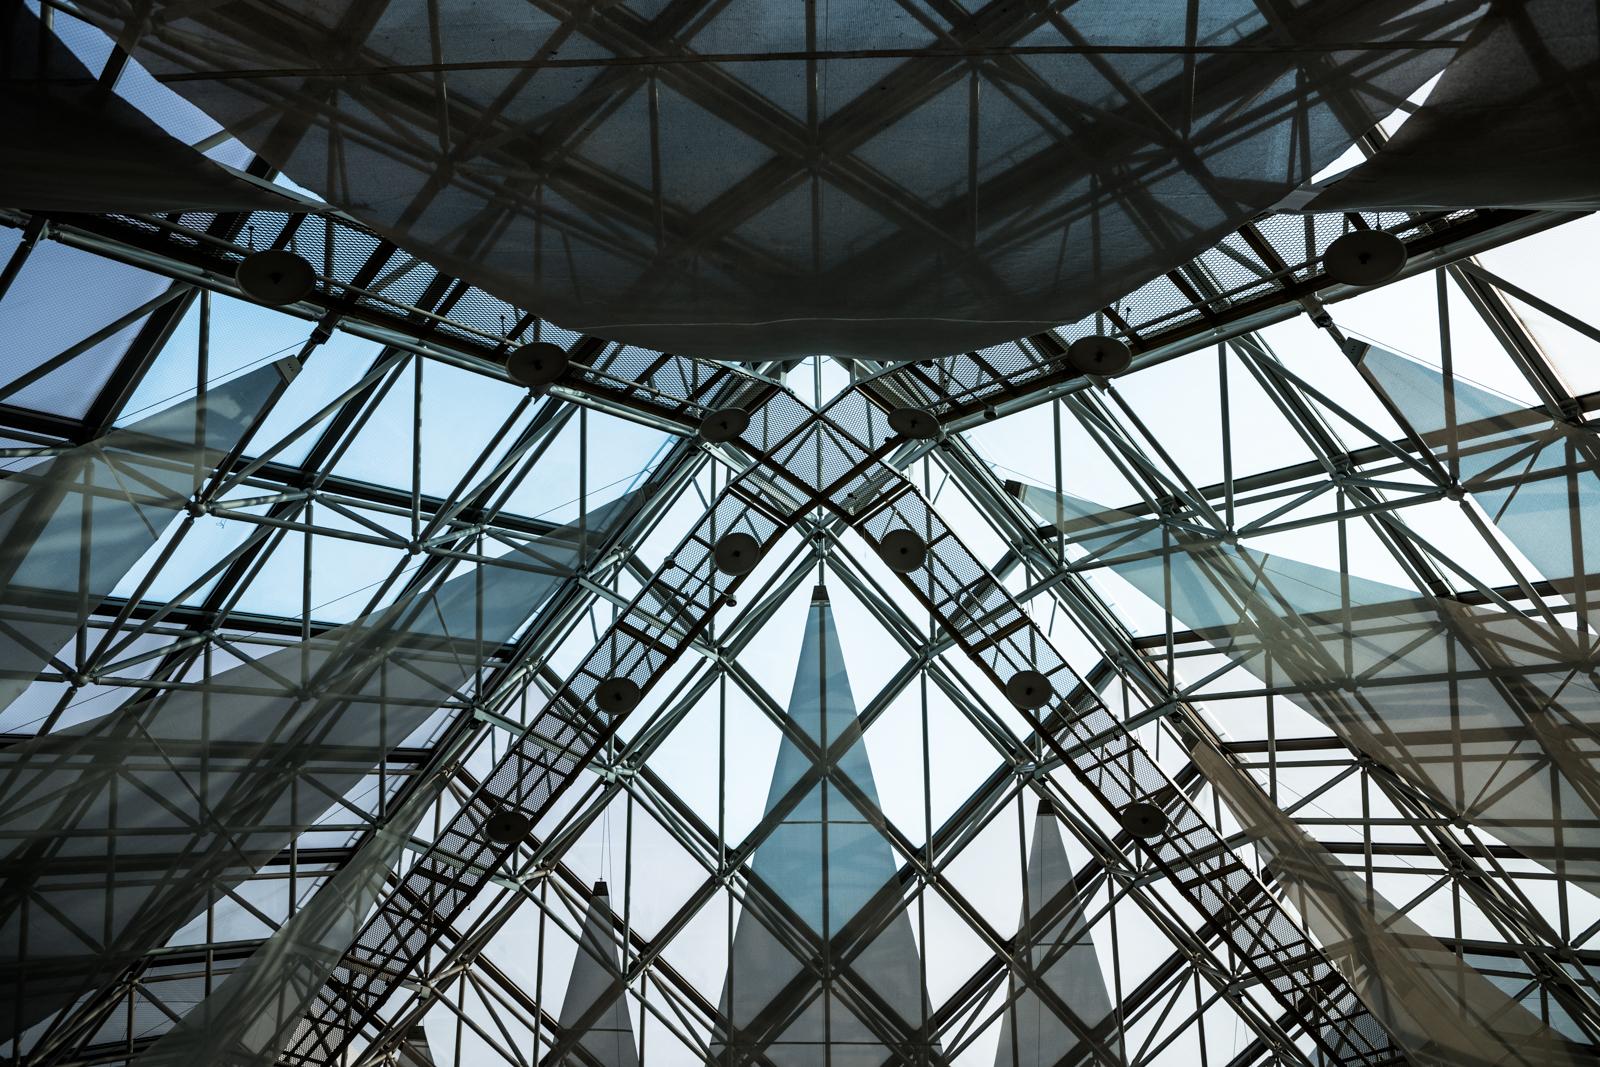 見上げて撮影したガラス張りの天井の写真